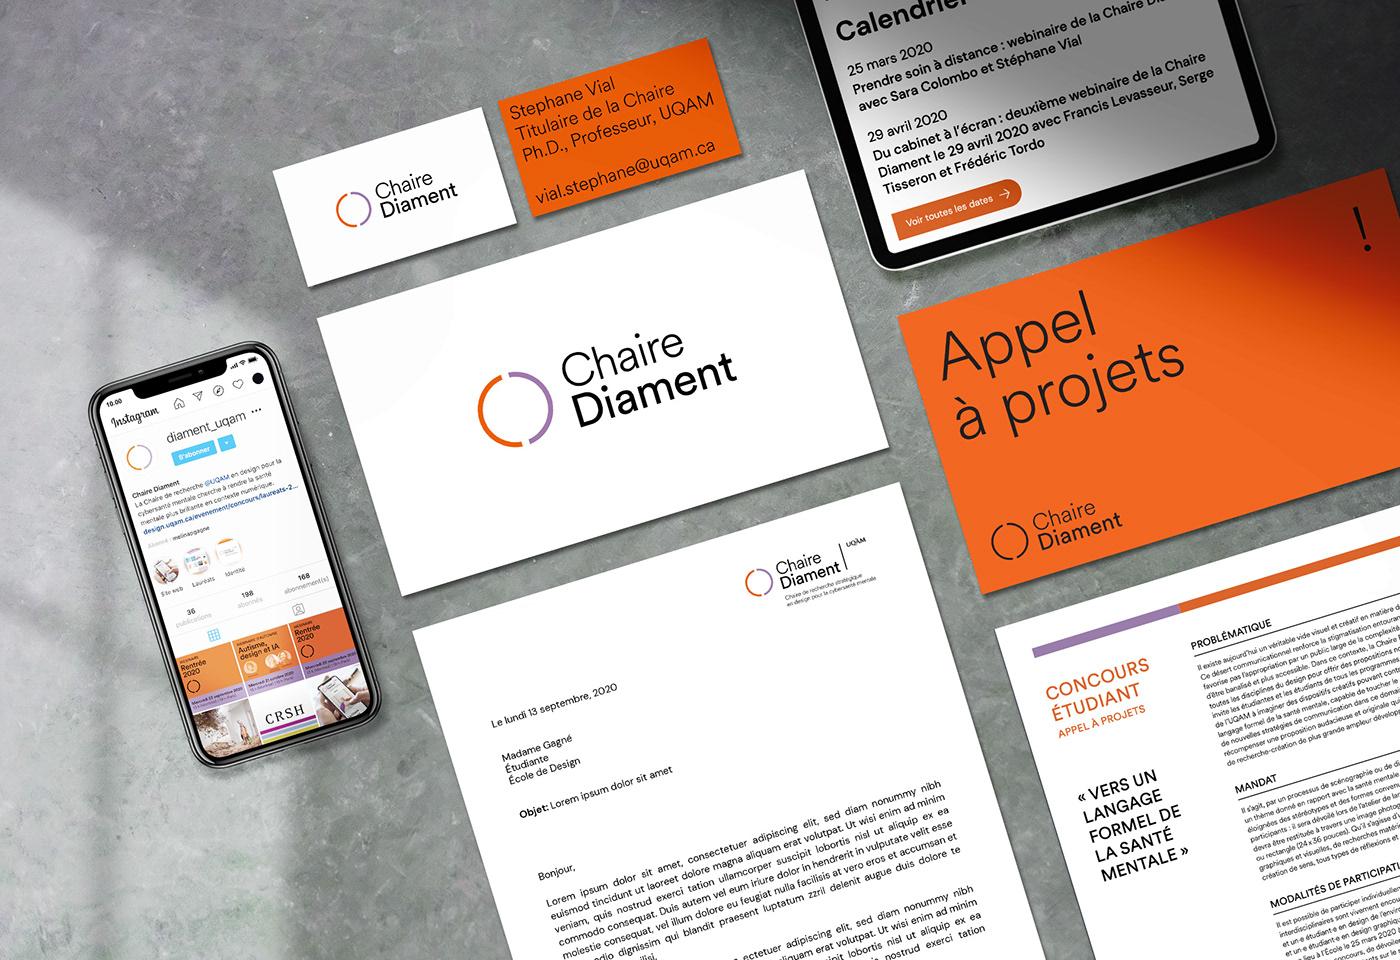 branding  Chaire Cybersante diament marque recherche santé mentale UQAM